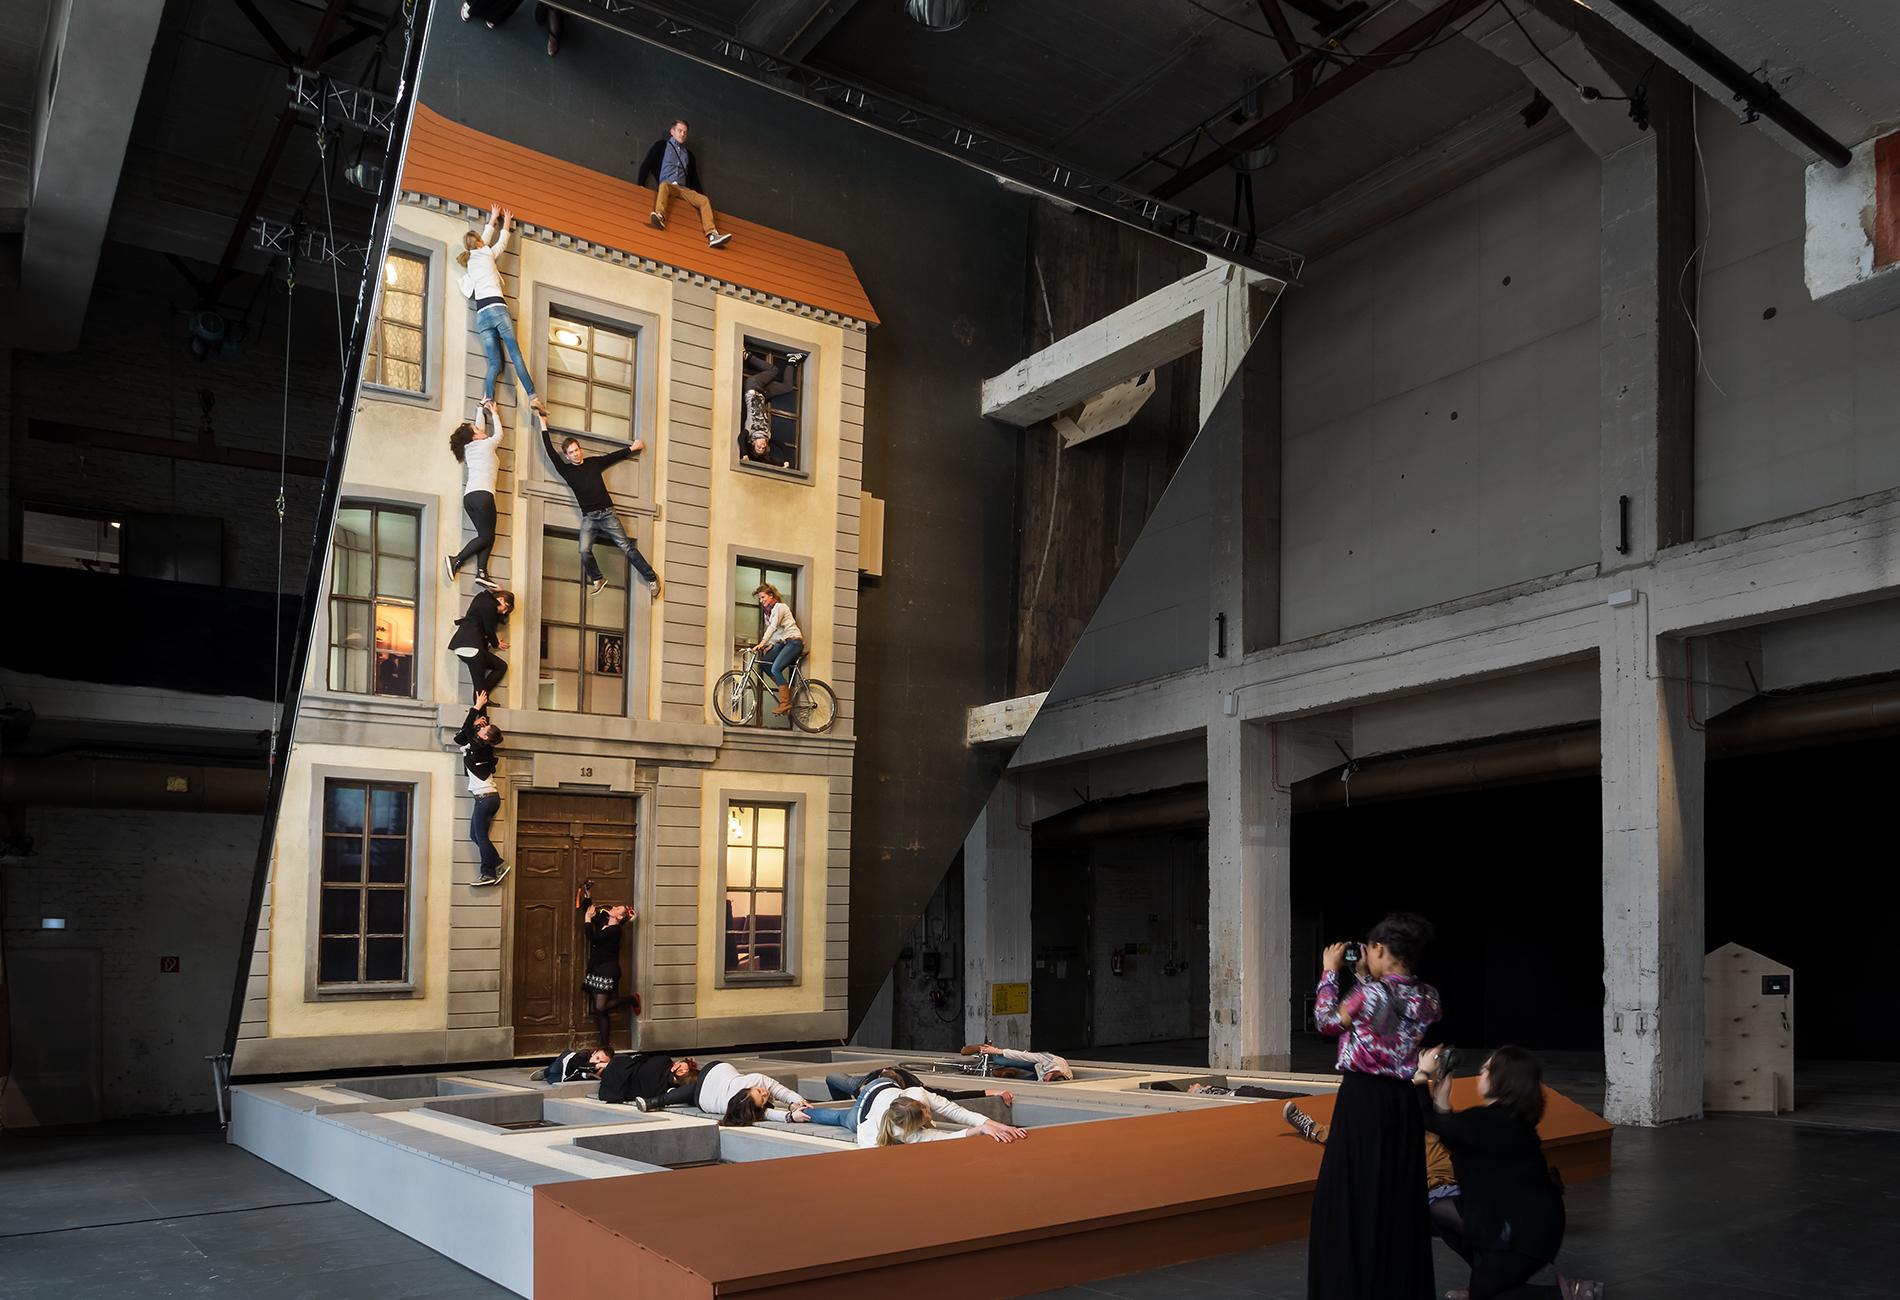 Messe Design Live Kommunikation Hamburg Berlin Köln Olympus Photography Playground Fassade Leandro Erlich Spiegel Going Places EventLabs